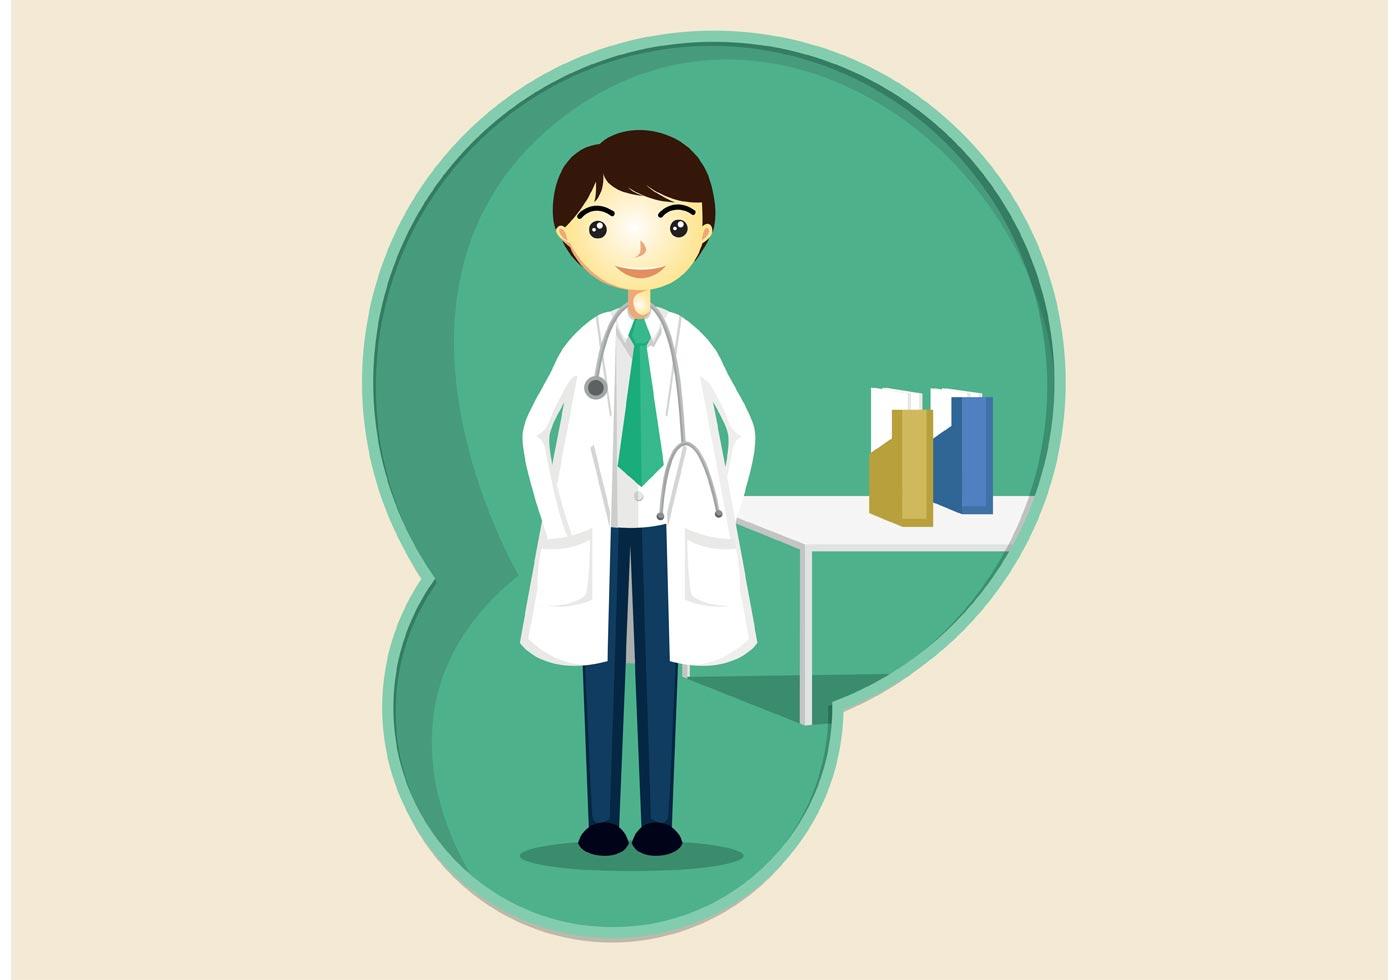 Doctors Clipart: Download Free Vector Art, Stock Graphics